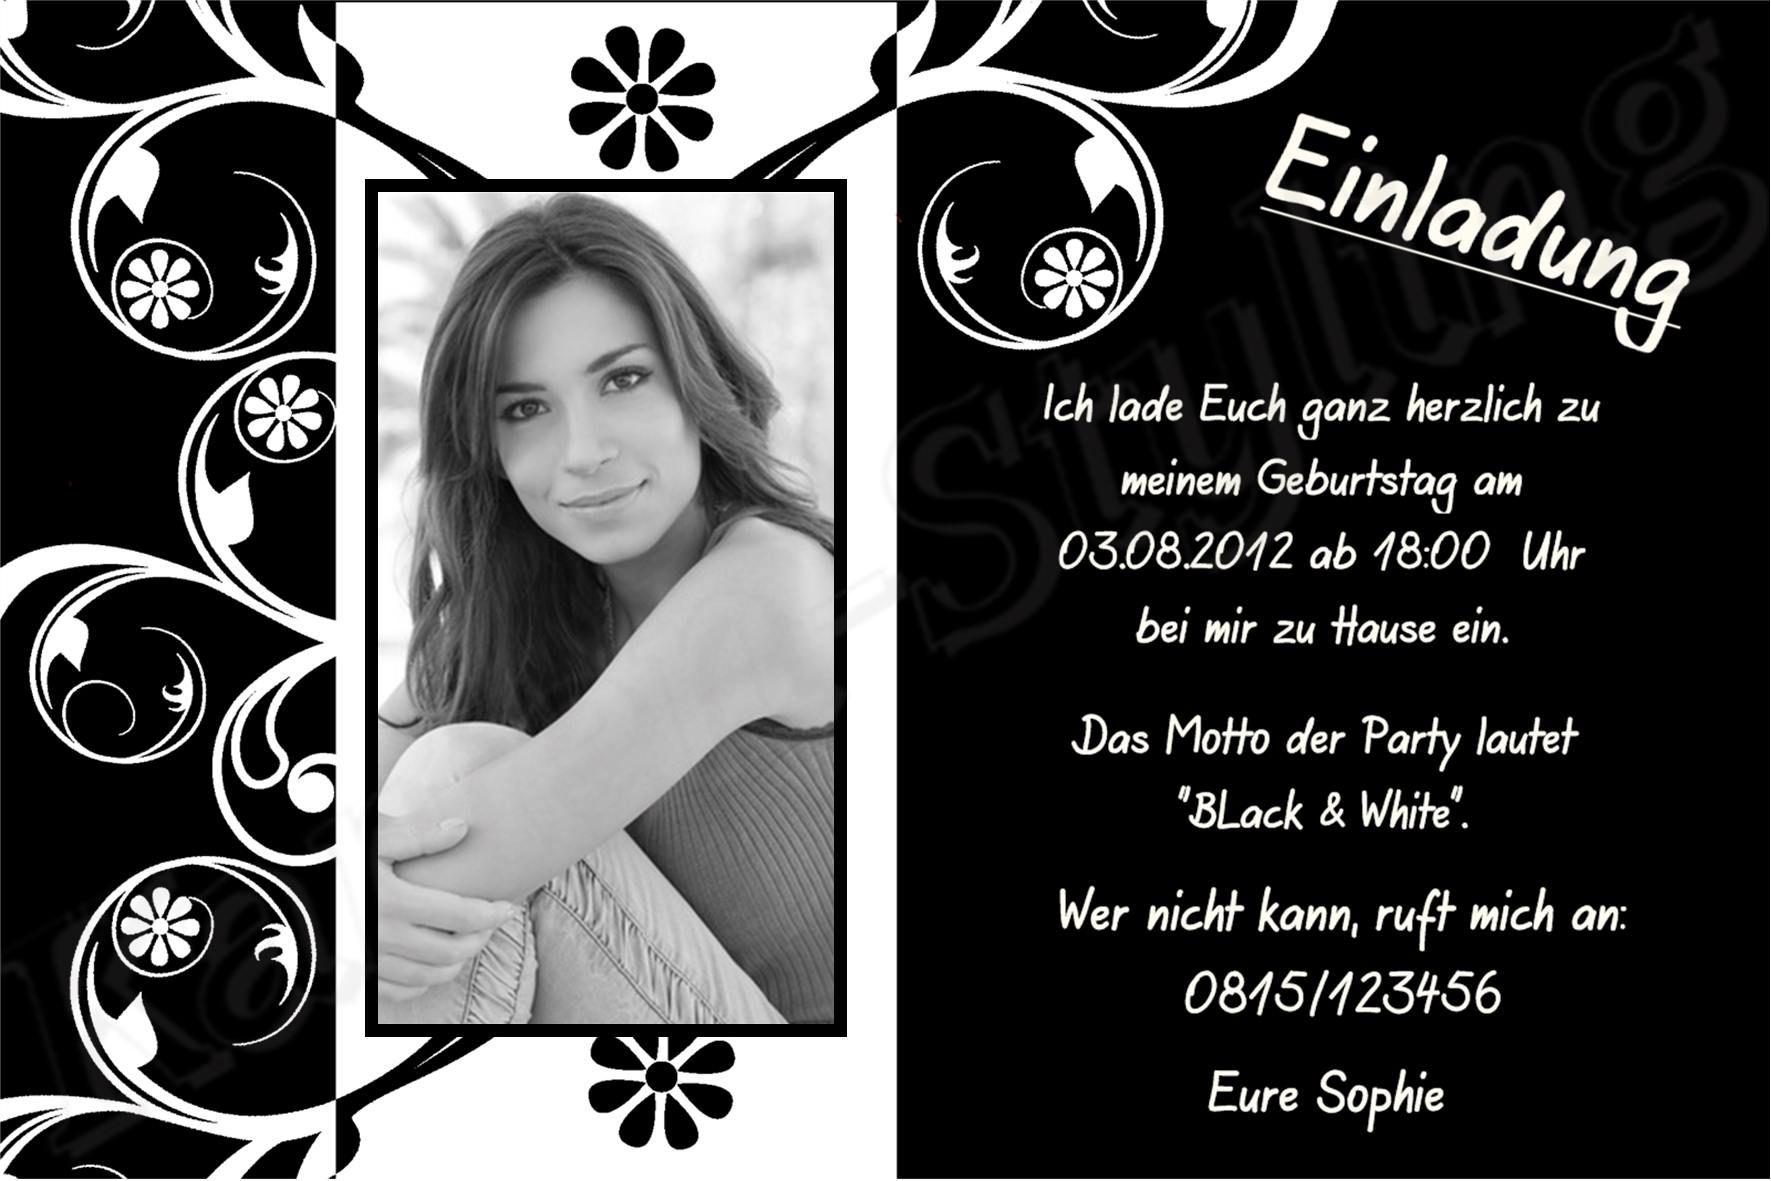 Einladung 18 Geburtstag Selber Basteln 70 Geburtstag Party